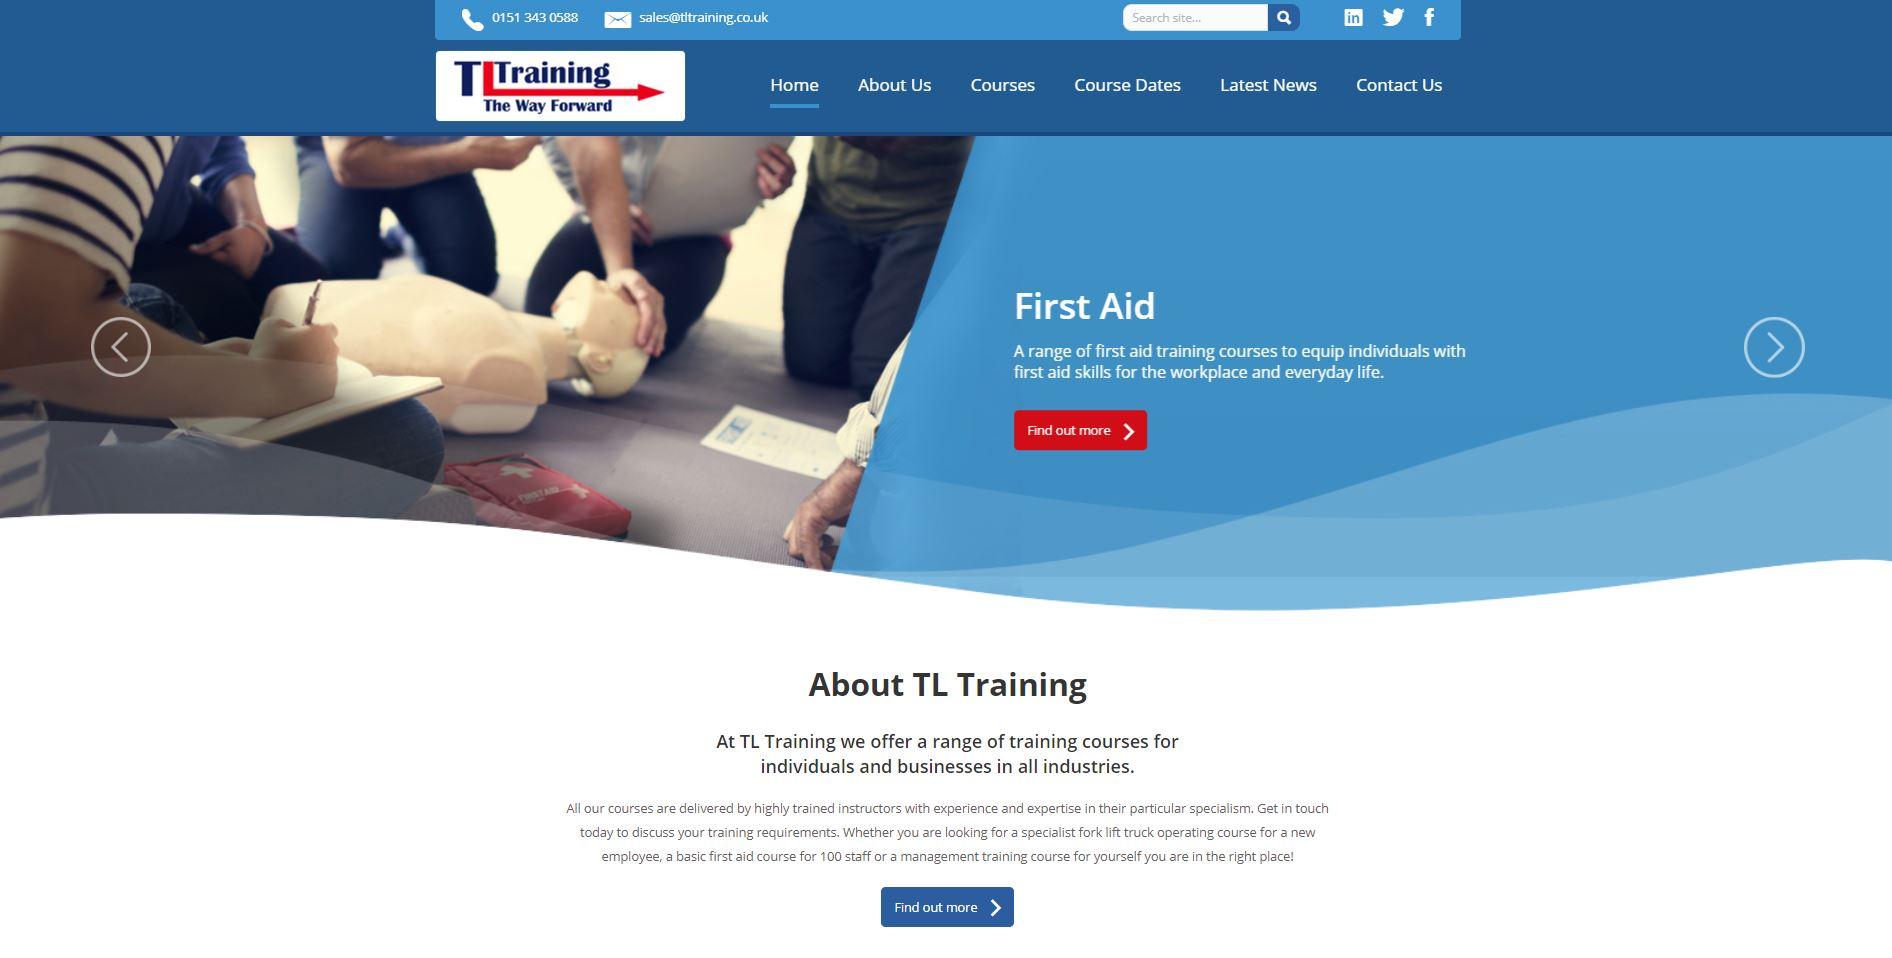 TL Training website